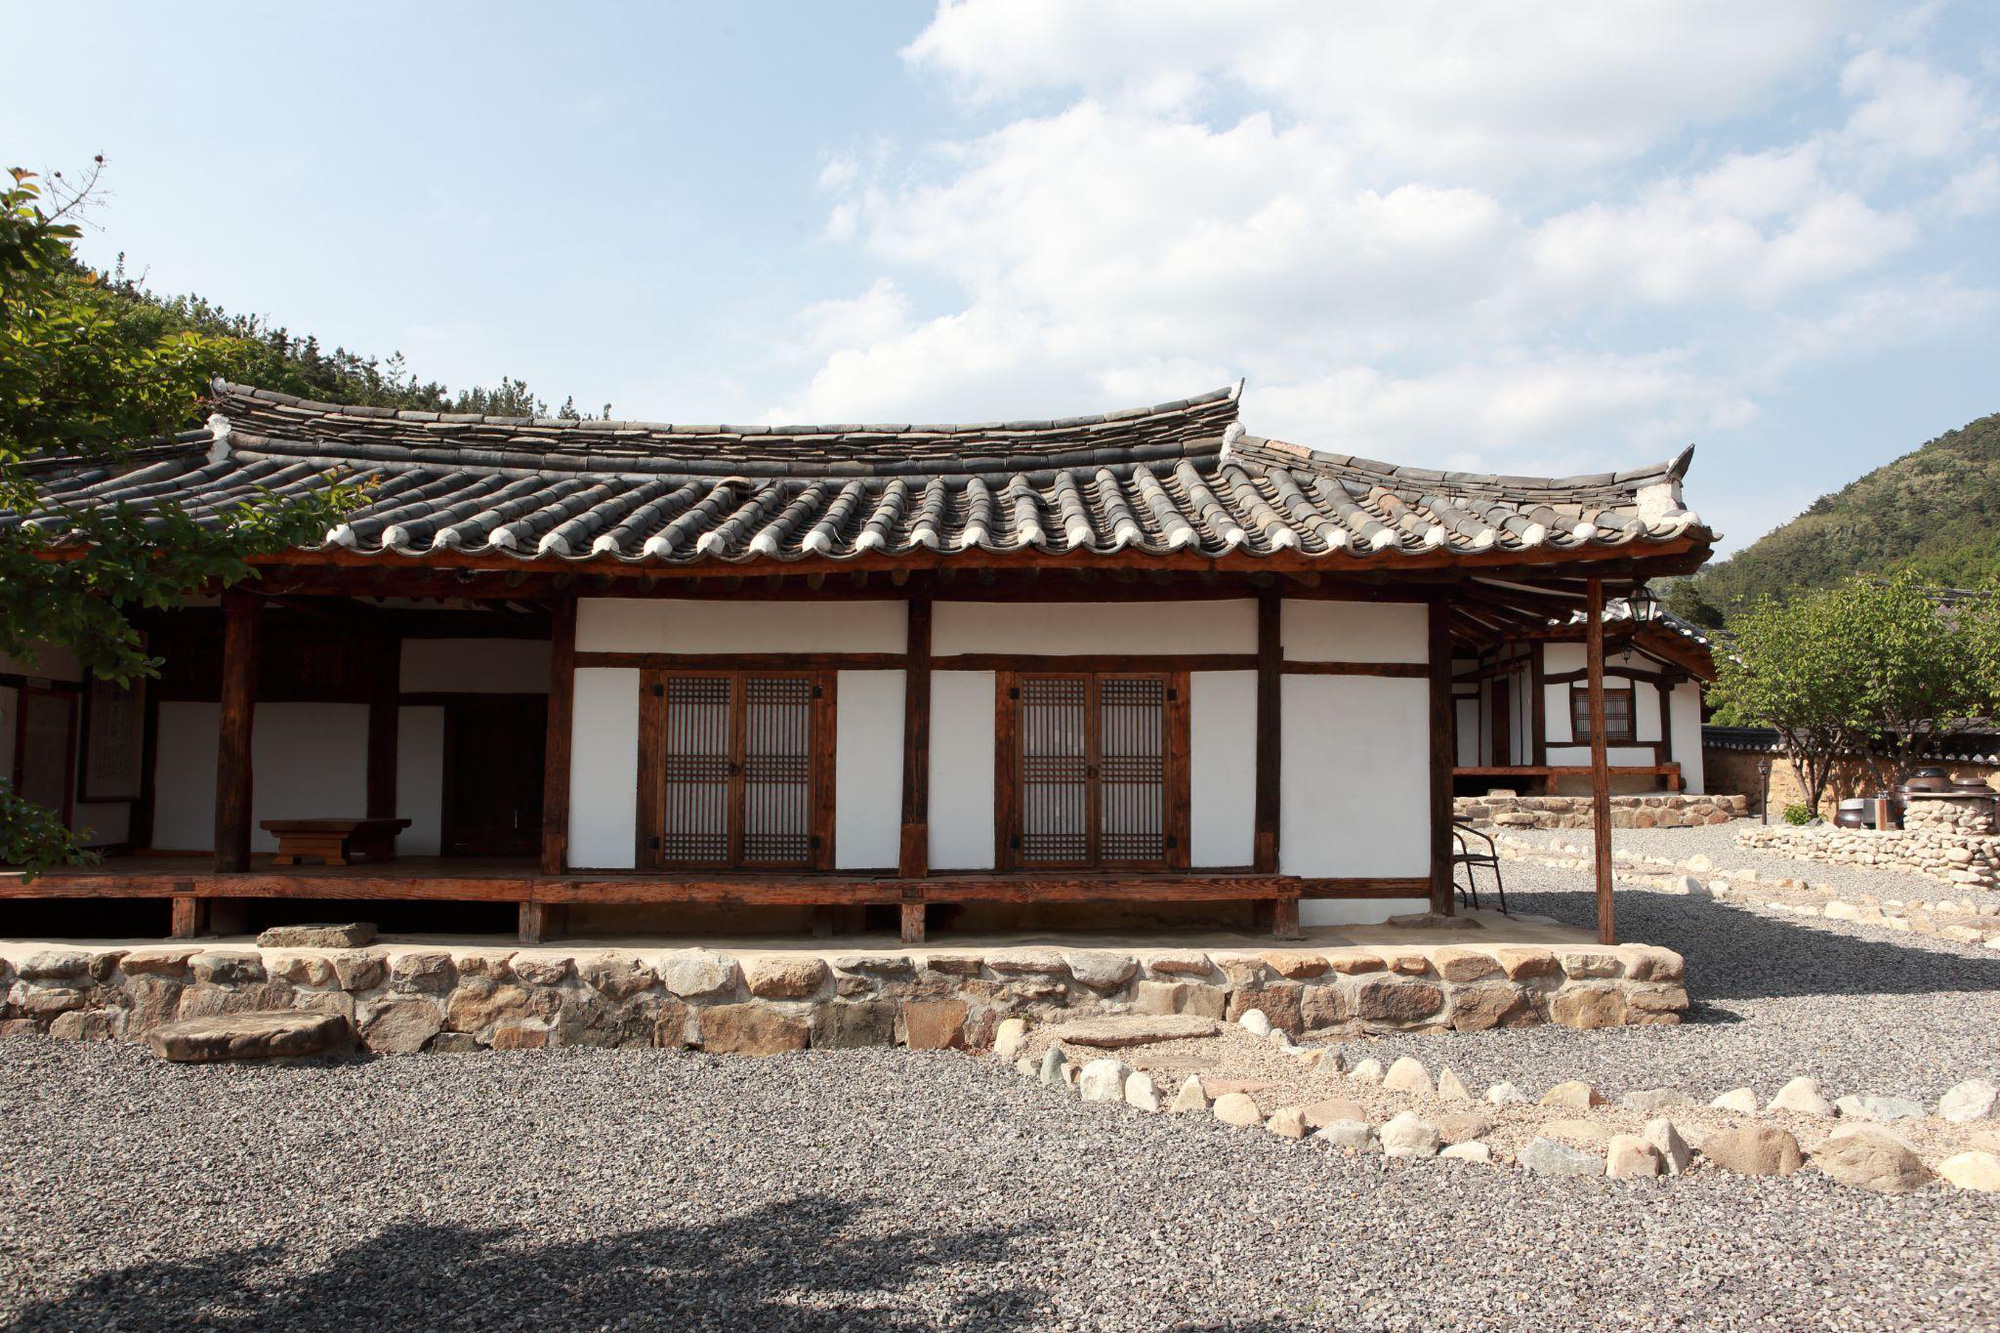 Cách người Gyeongbuk, Hàn Quốc biến nhà cổ Hanok thành những công trình thời thượng được cả Gen Z yêu thích - Ảnh 1.